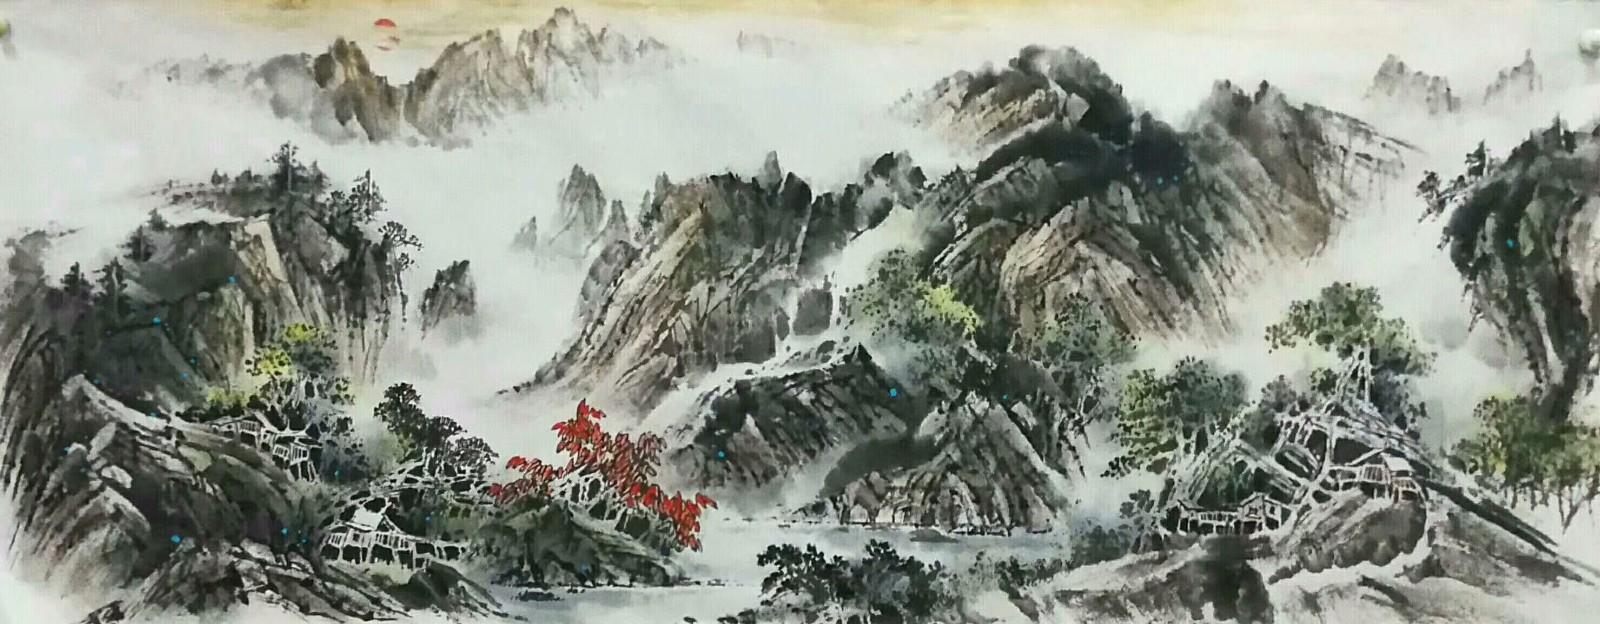 天来堂◆实力派画家段春斌◆小六尺水墨淡彩山水